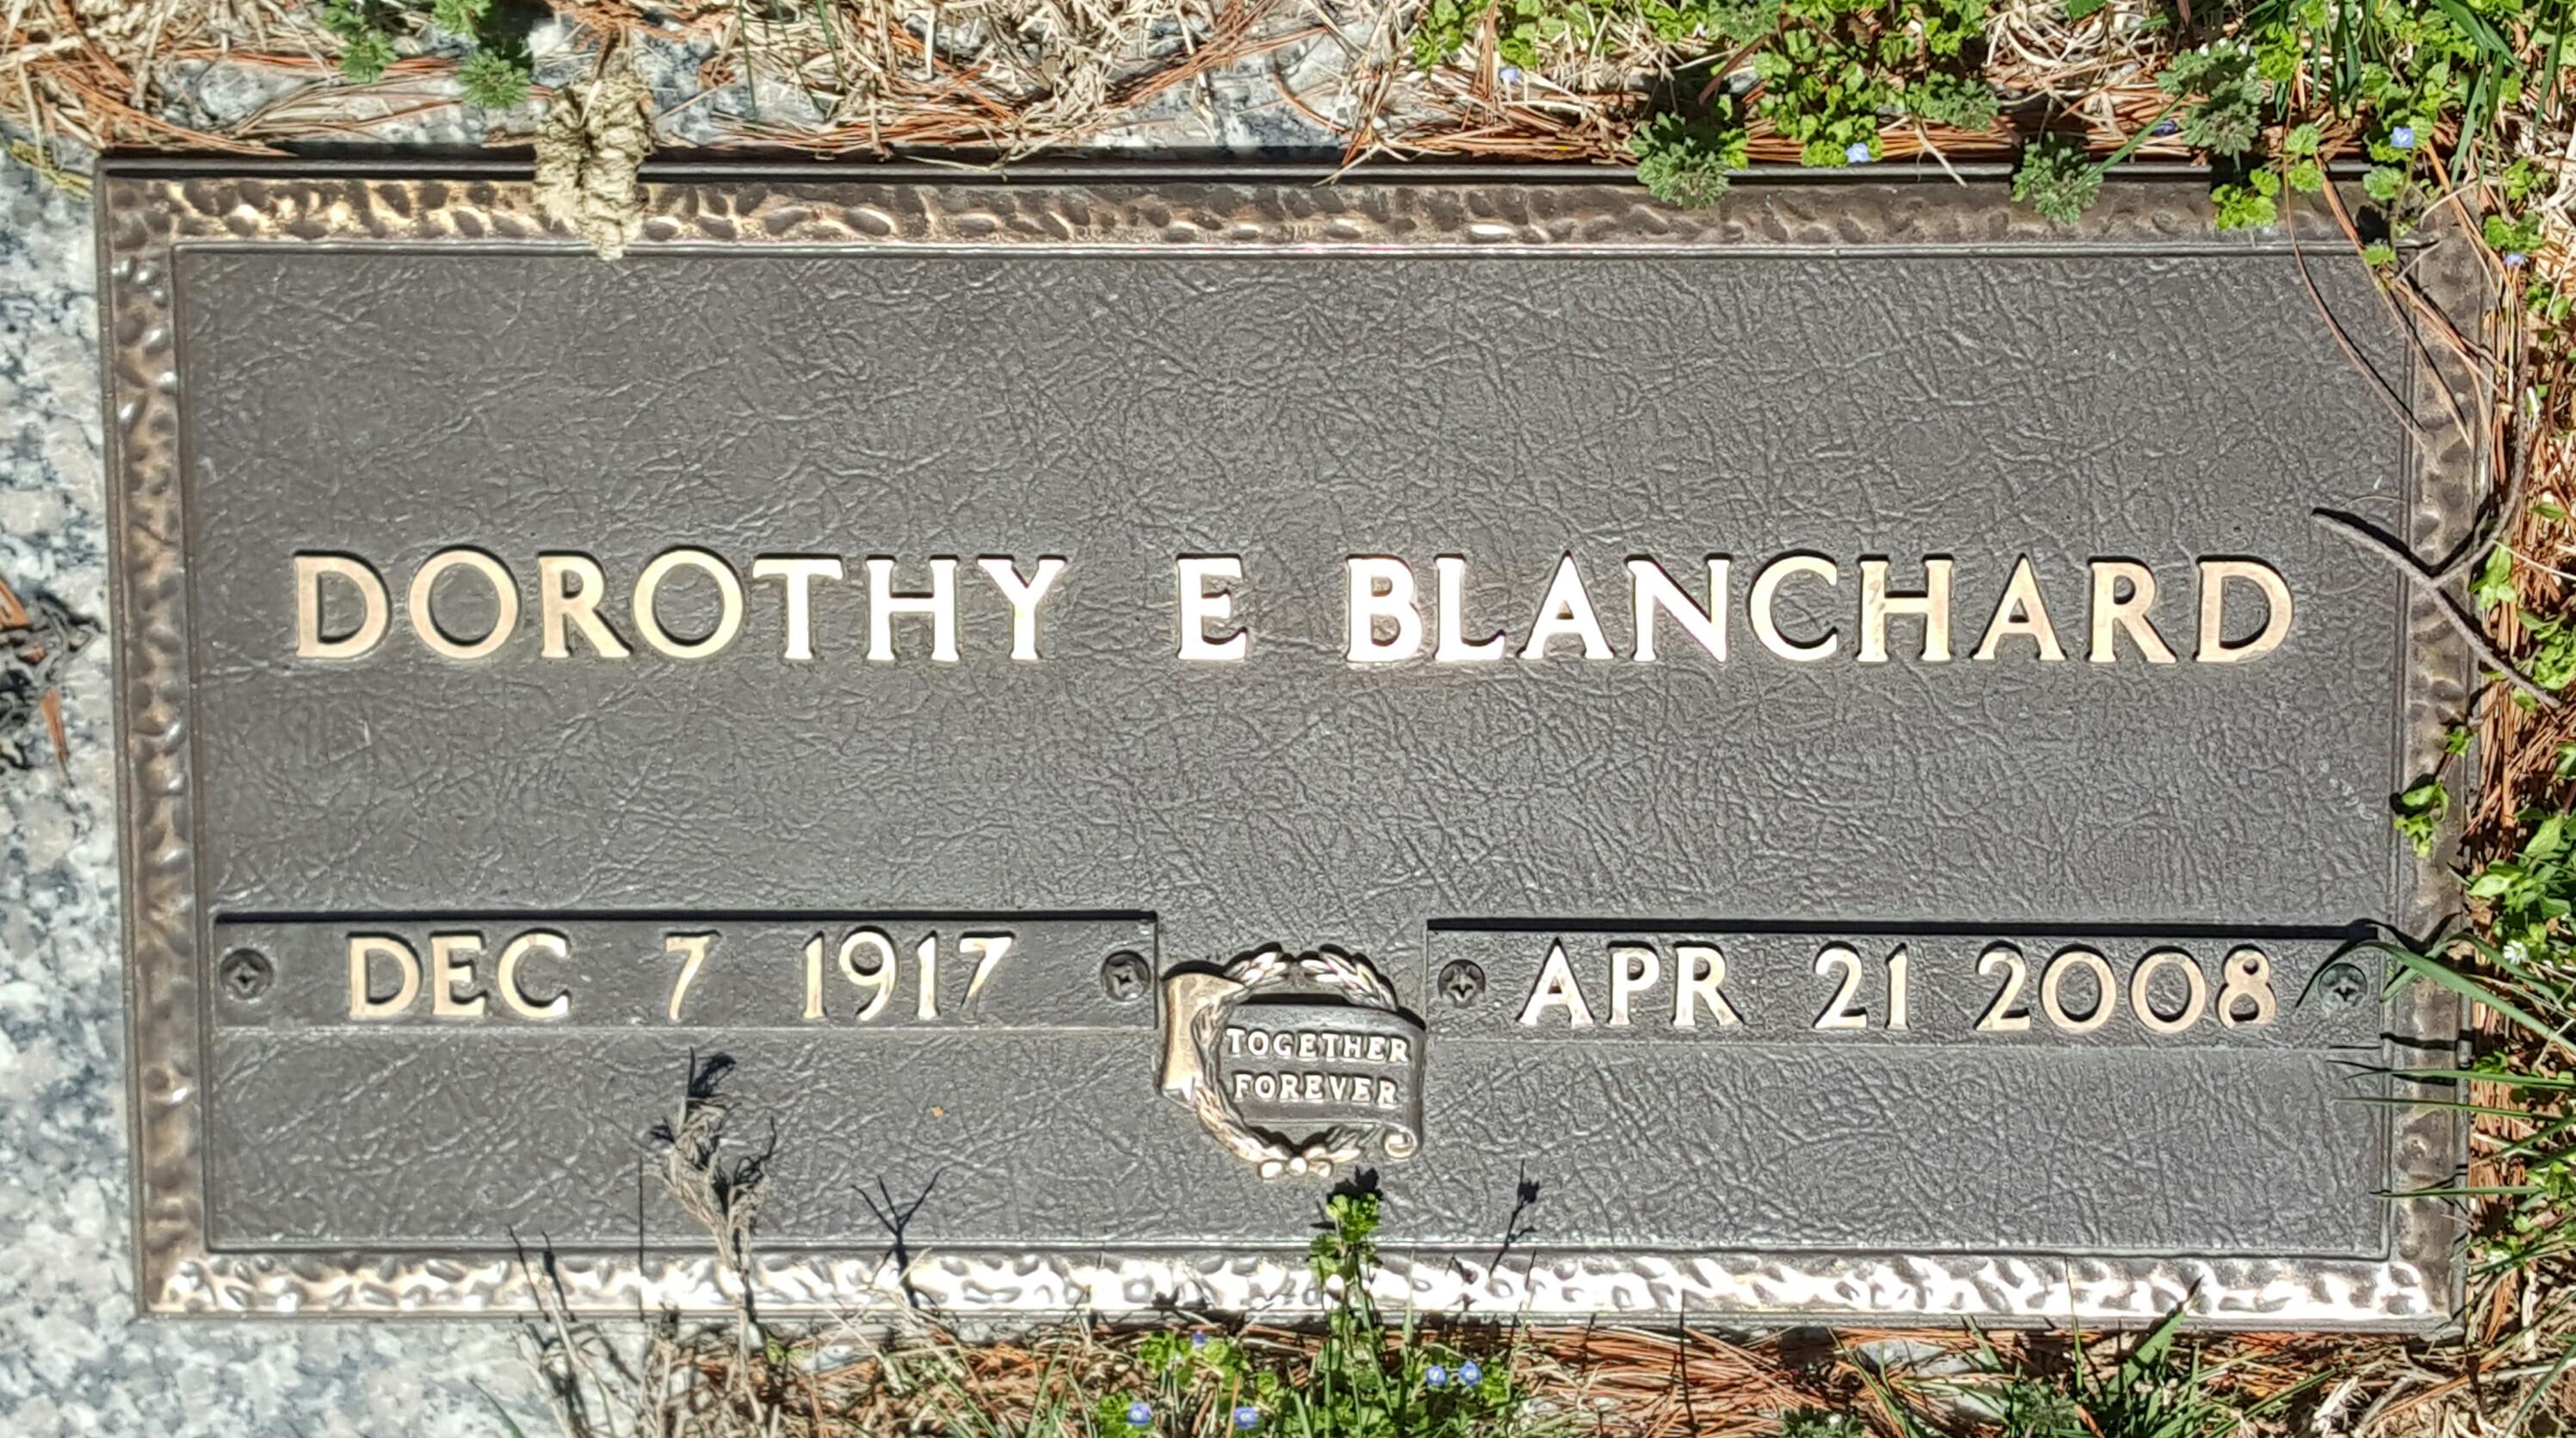 Dorothy E. Blanchard